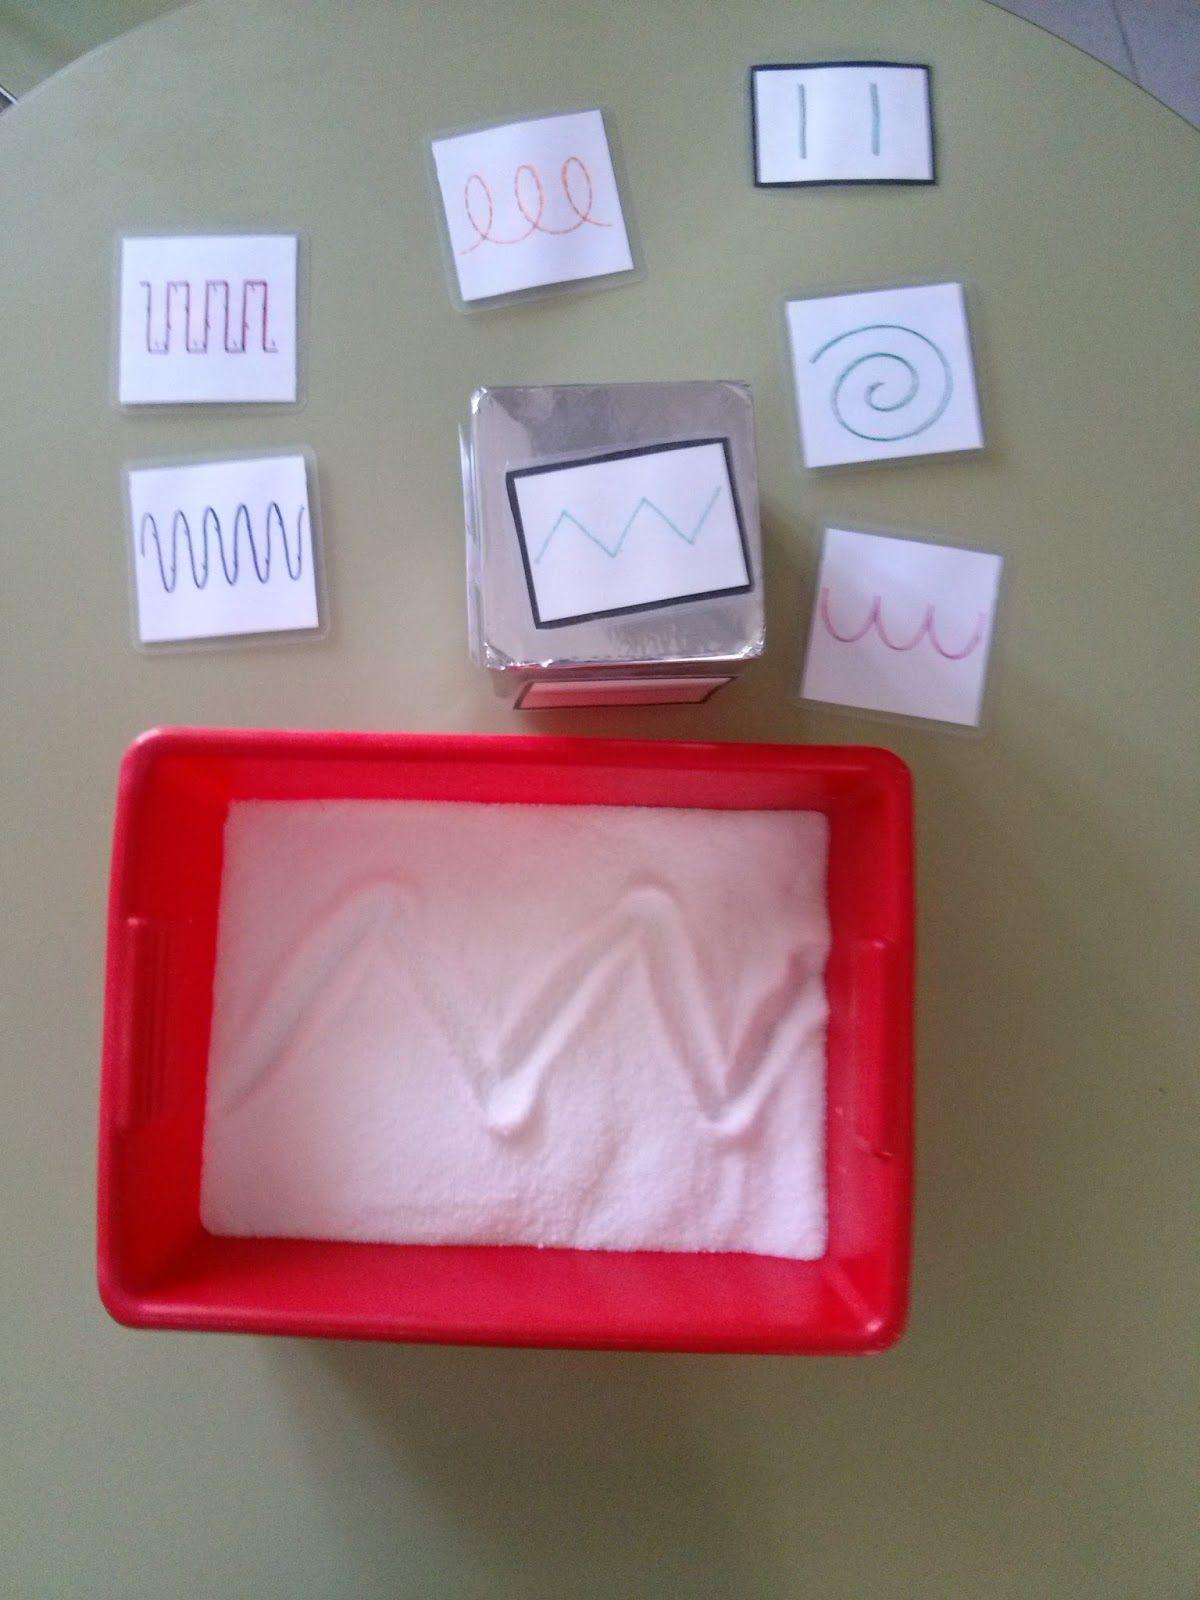 Recursos D Un Mestre D Infantil Dado De Trazos Para Trabajar La Motricidad Fina Actividades Para Motricidad Fina Actividades Montessori Actividades Motricidad